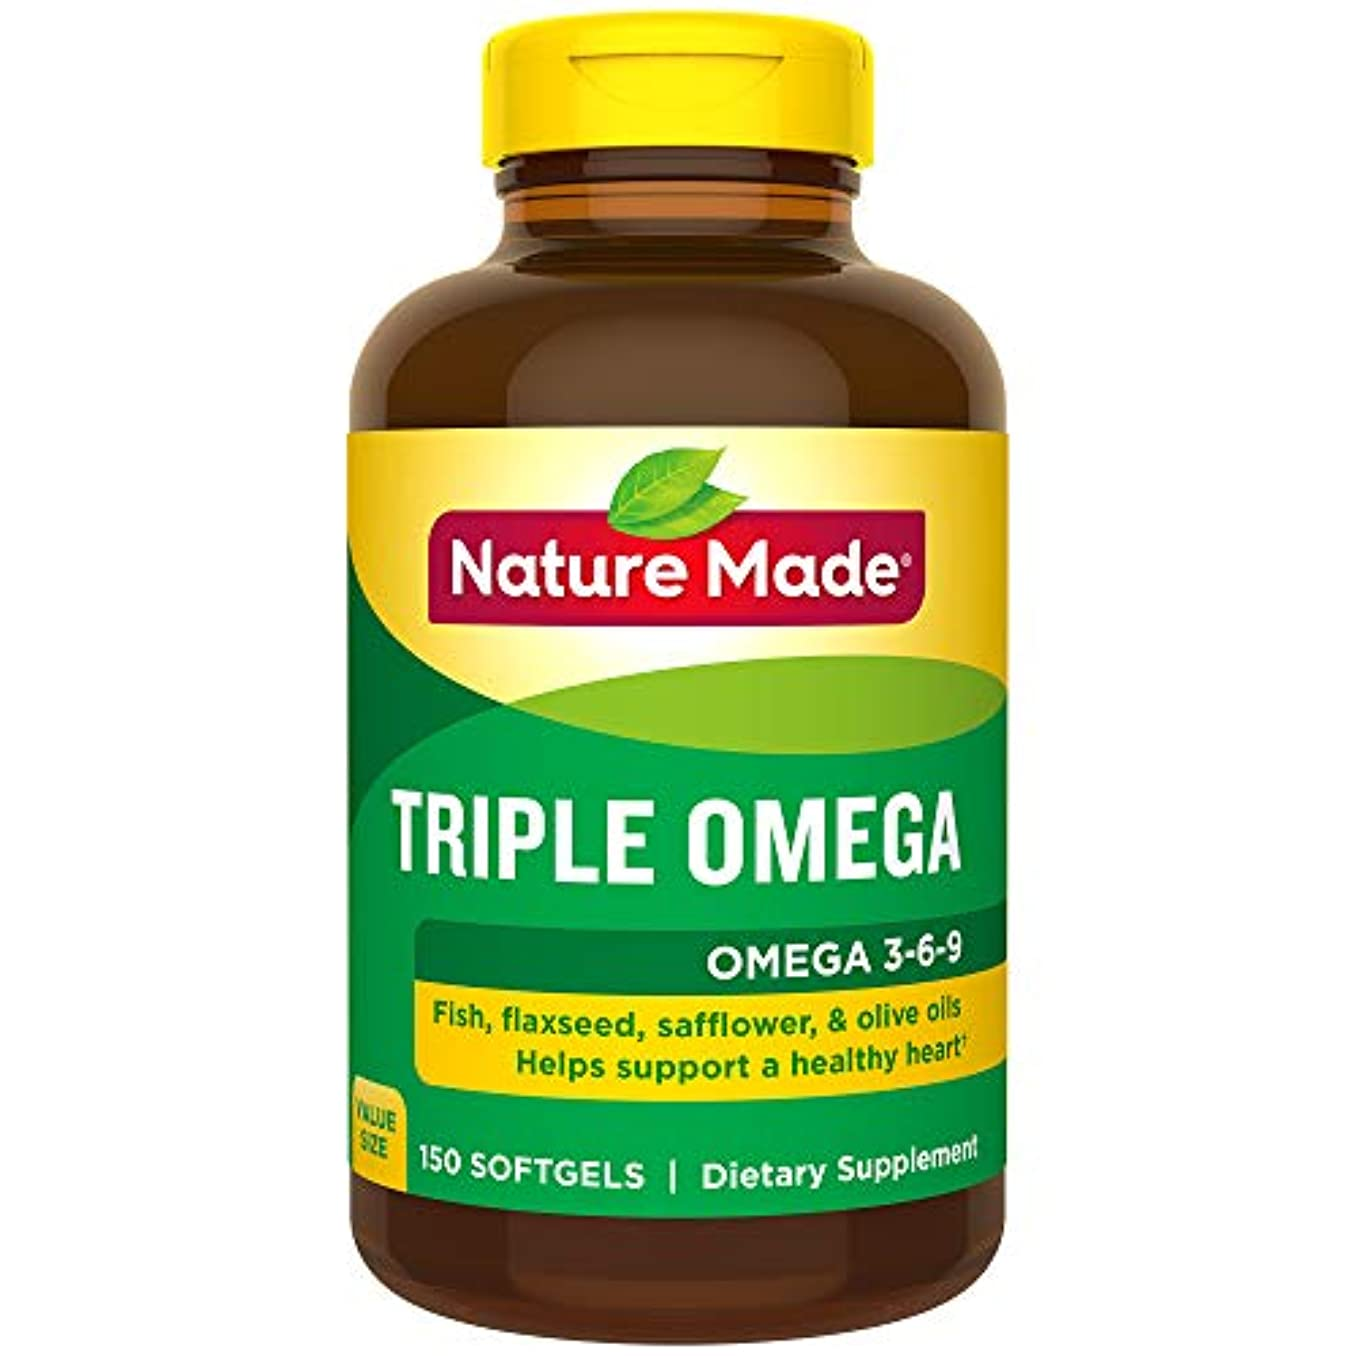 スペクトラム多用途マサッチョNature Made Triple Omega 3-6-9, 150 Softgels 海外直送品